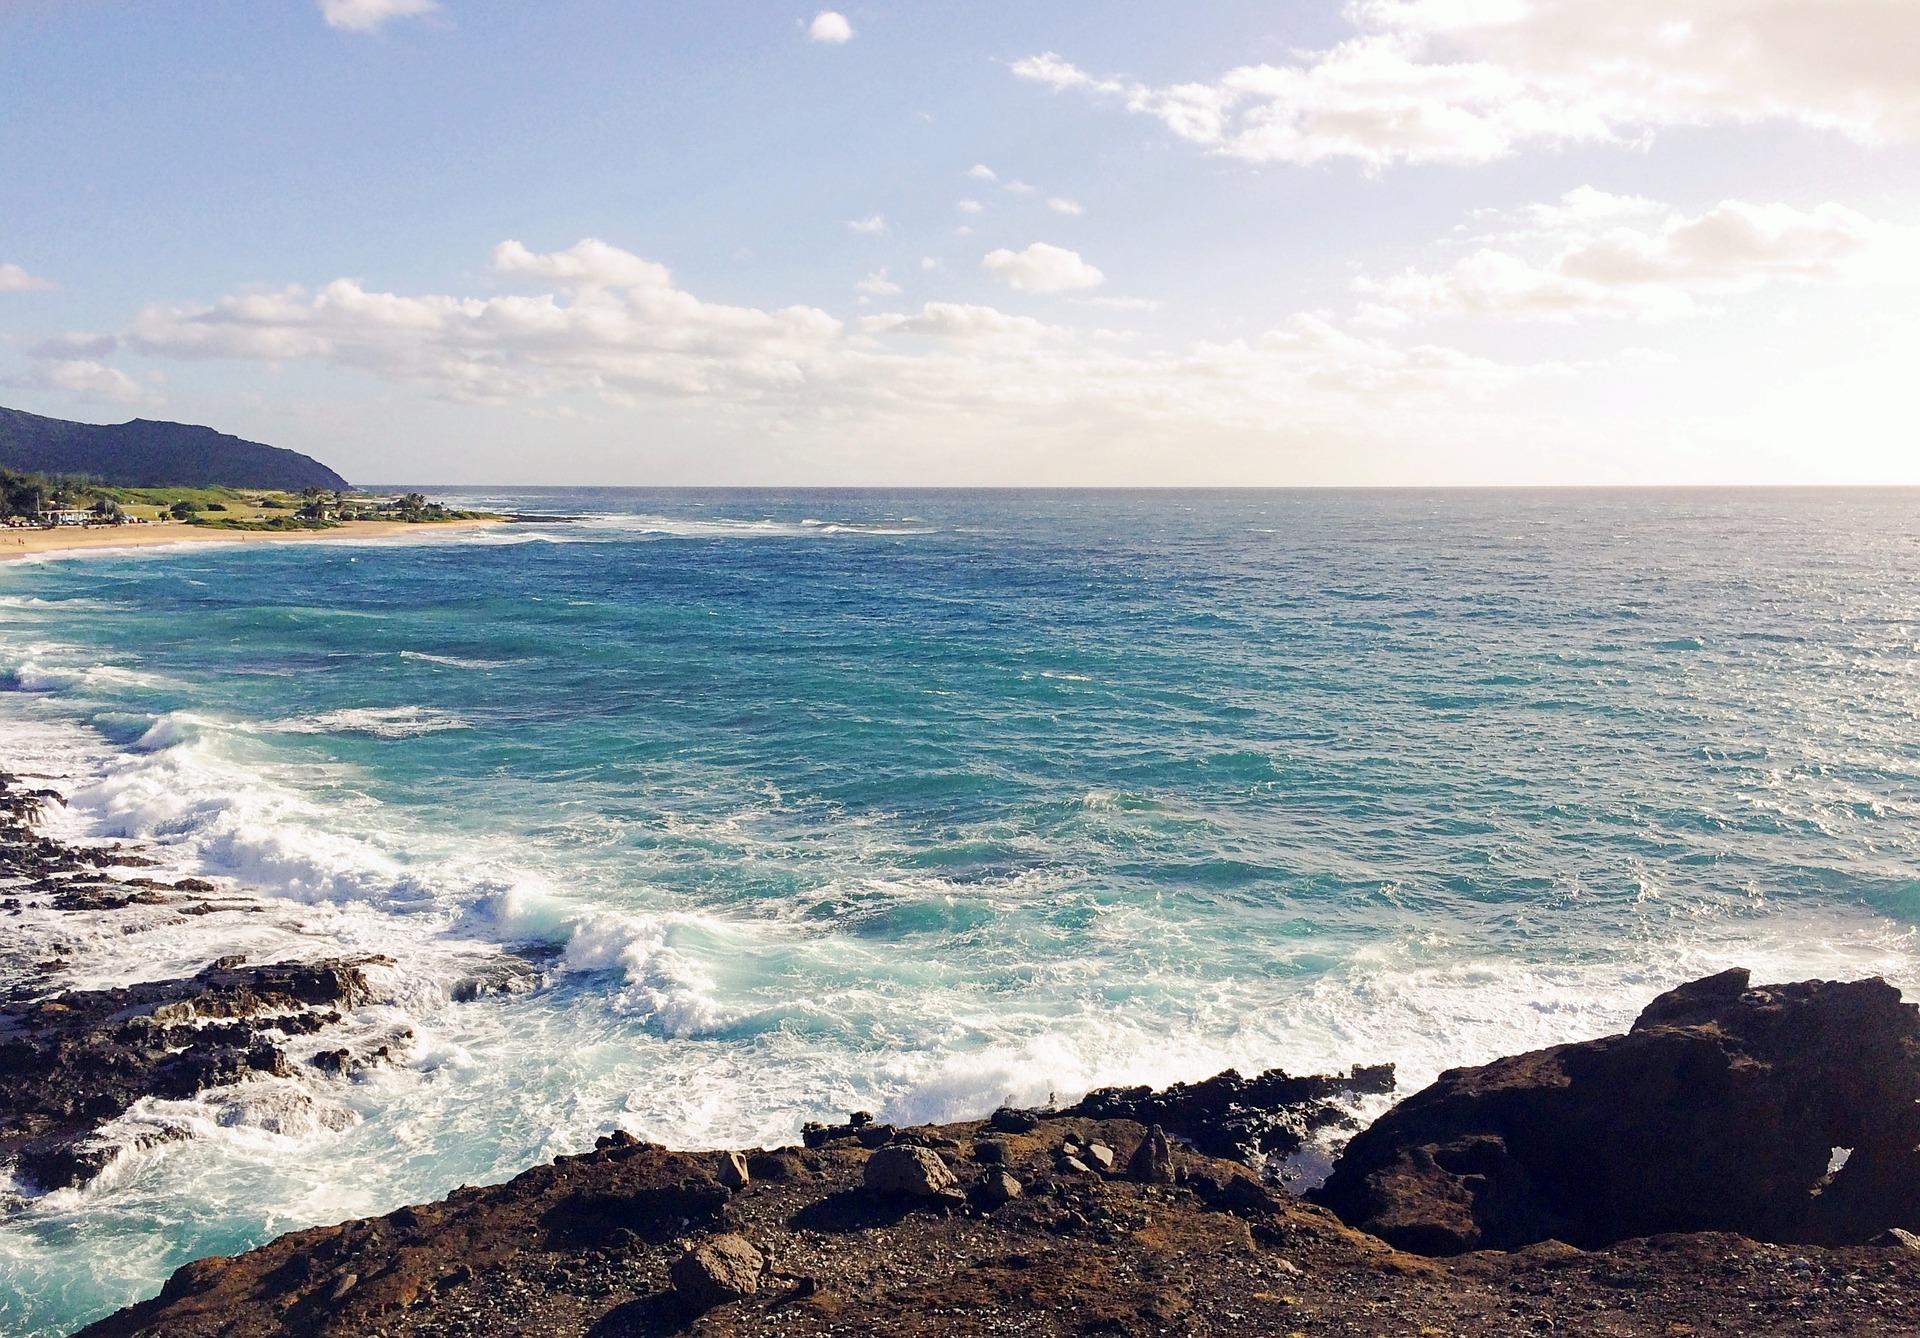 beach-907573_1920.jpg